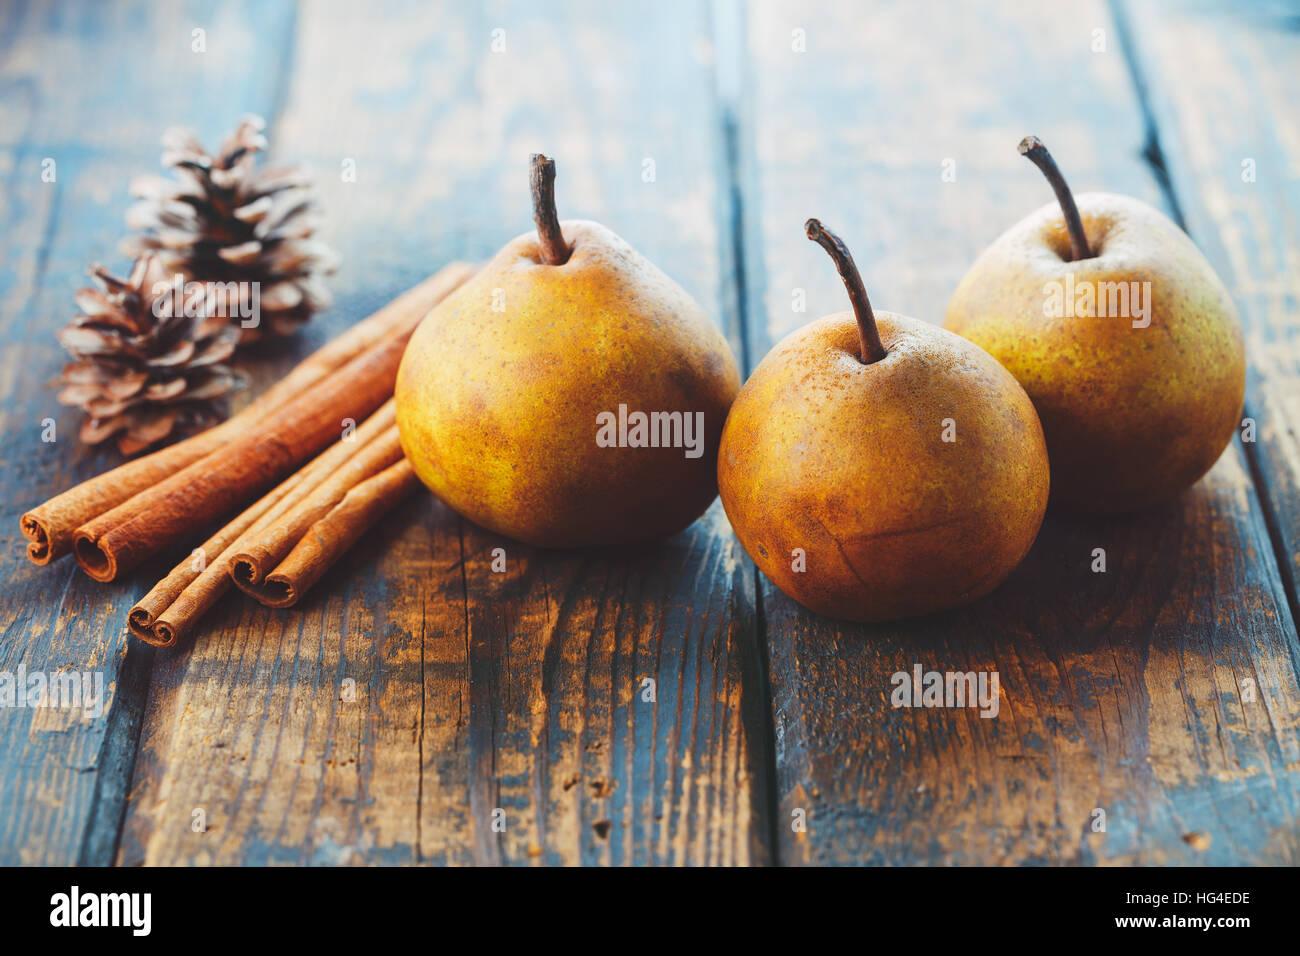 Peras orgánicos con palitos de canela en una mesa de madera Imagen De Stock